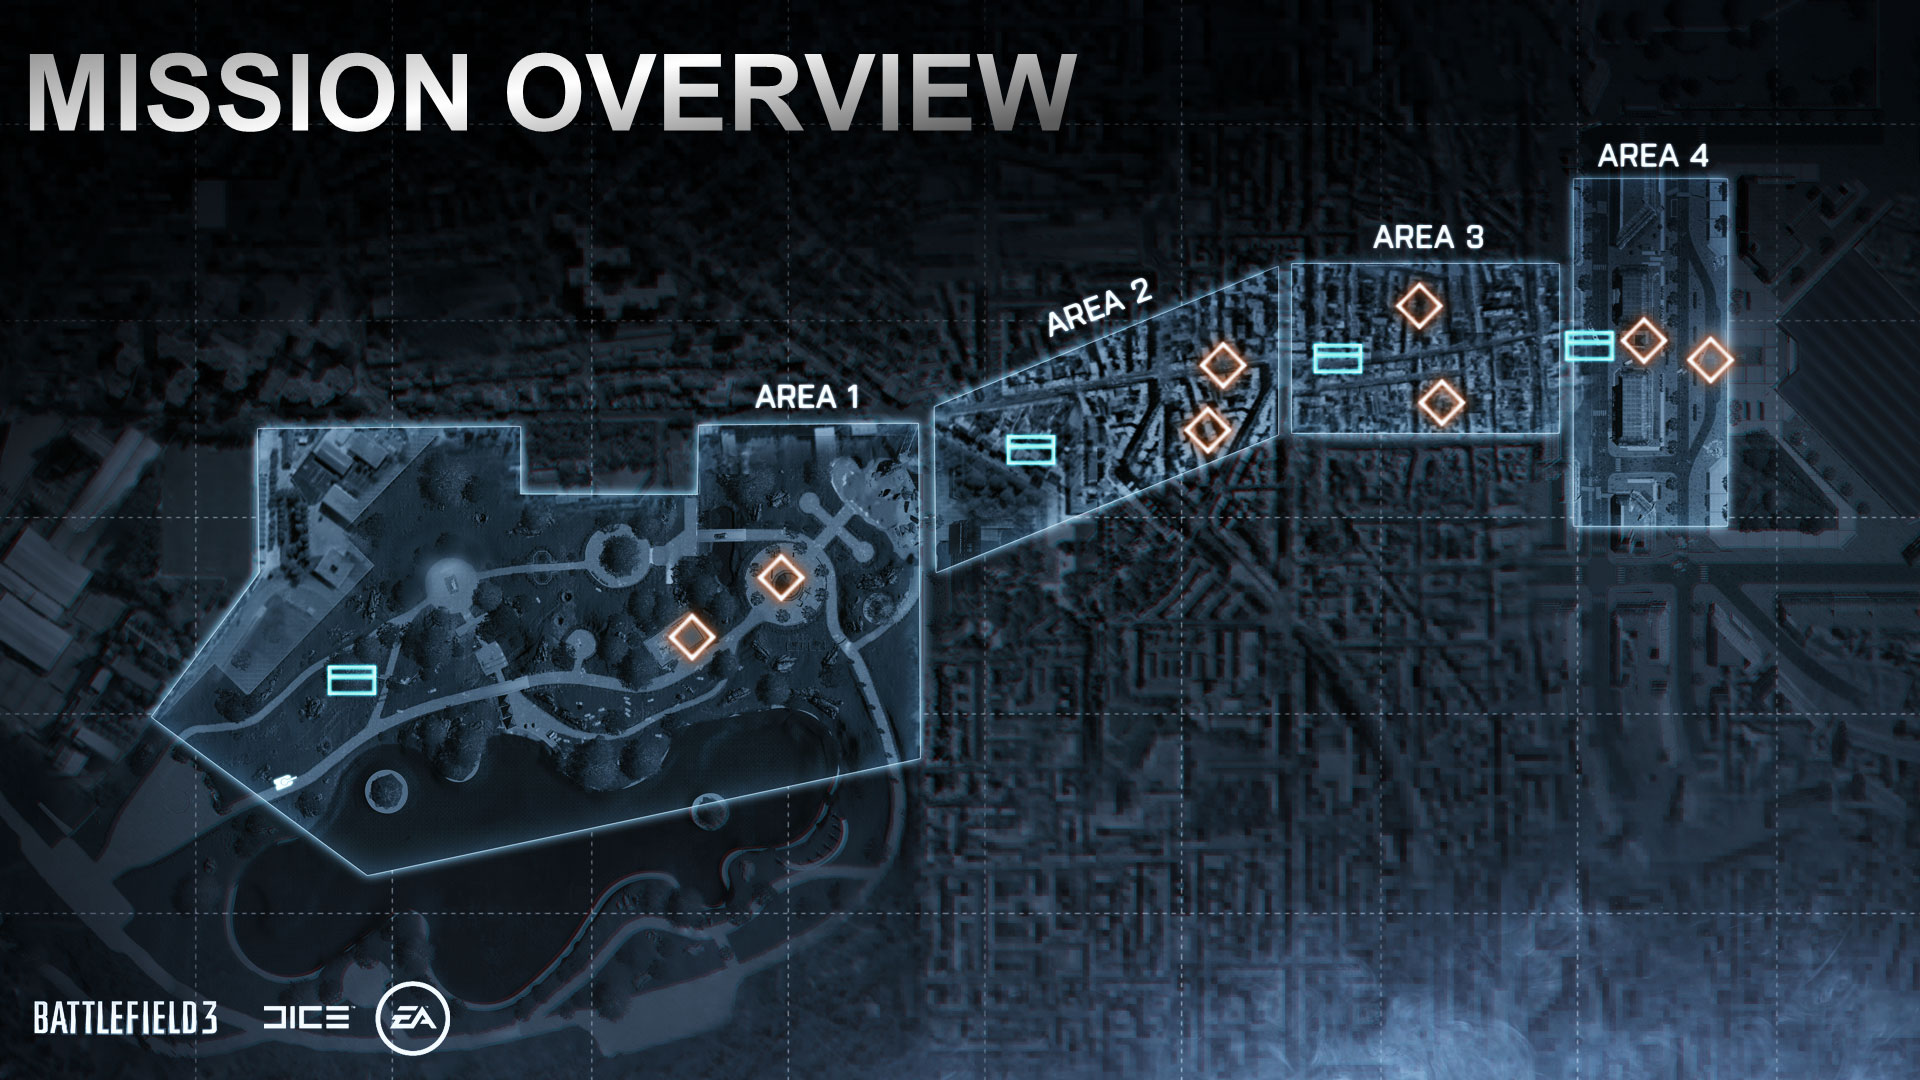 Присоединяйтесь к тестированию Battlefield 3. Предлагаю оценить многопользовательское сражение на карте Операция...